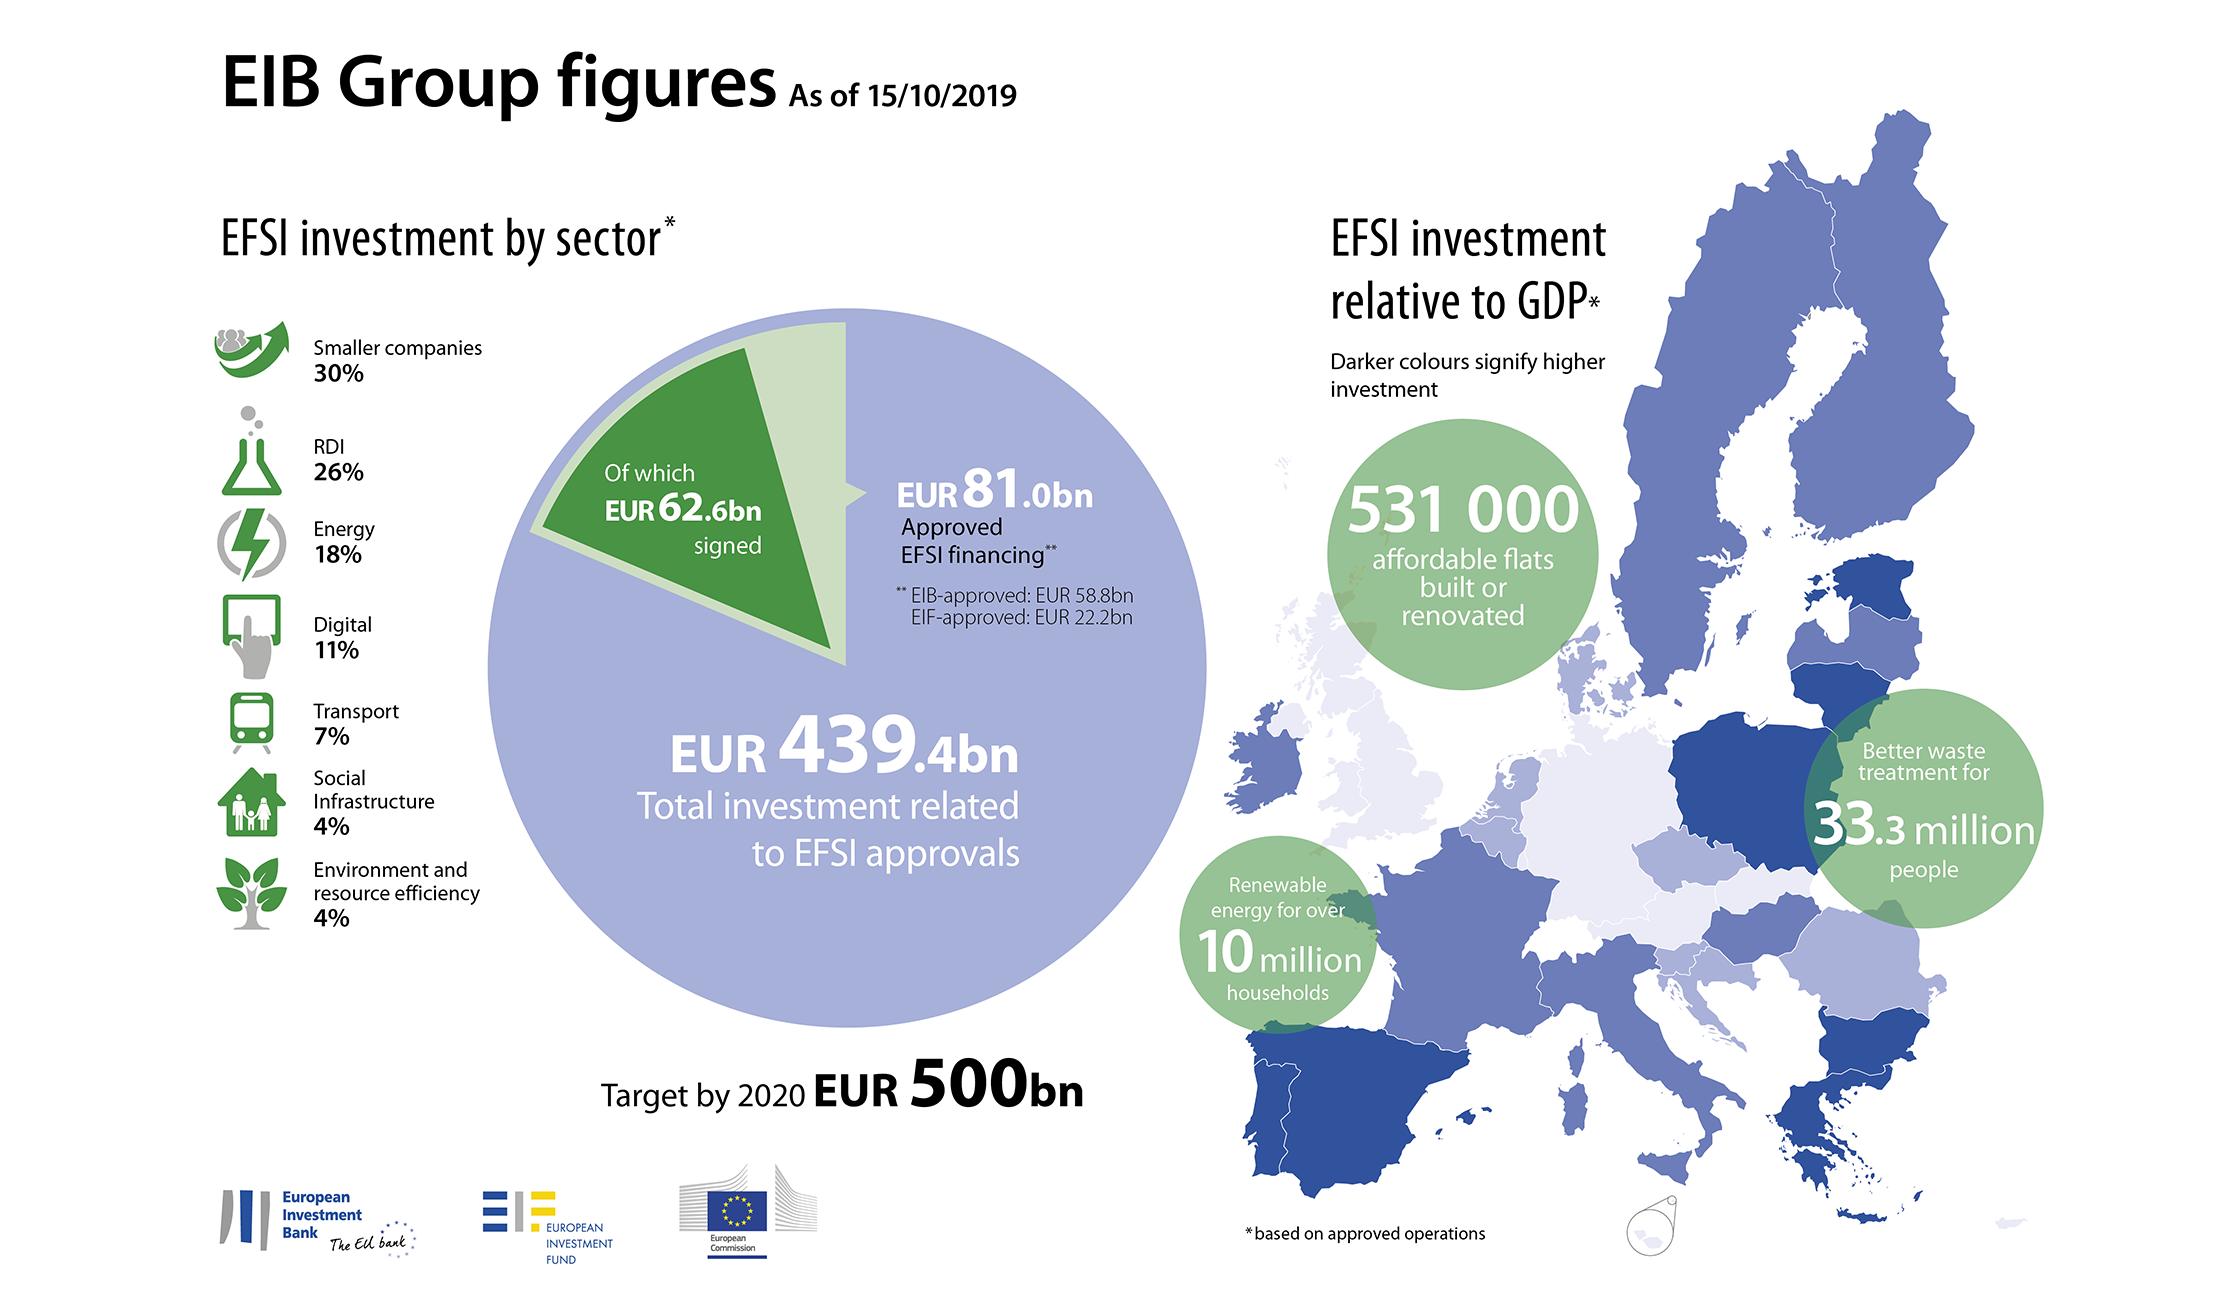 L'impact macroéconomique du plan Juncker - Résultats de la Banque européenne d'investissement